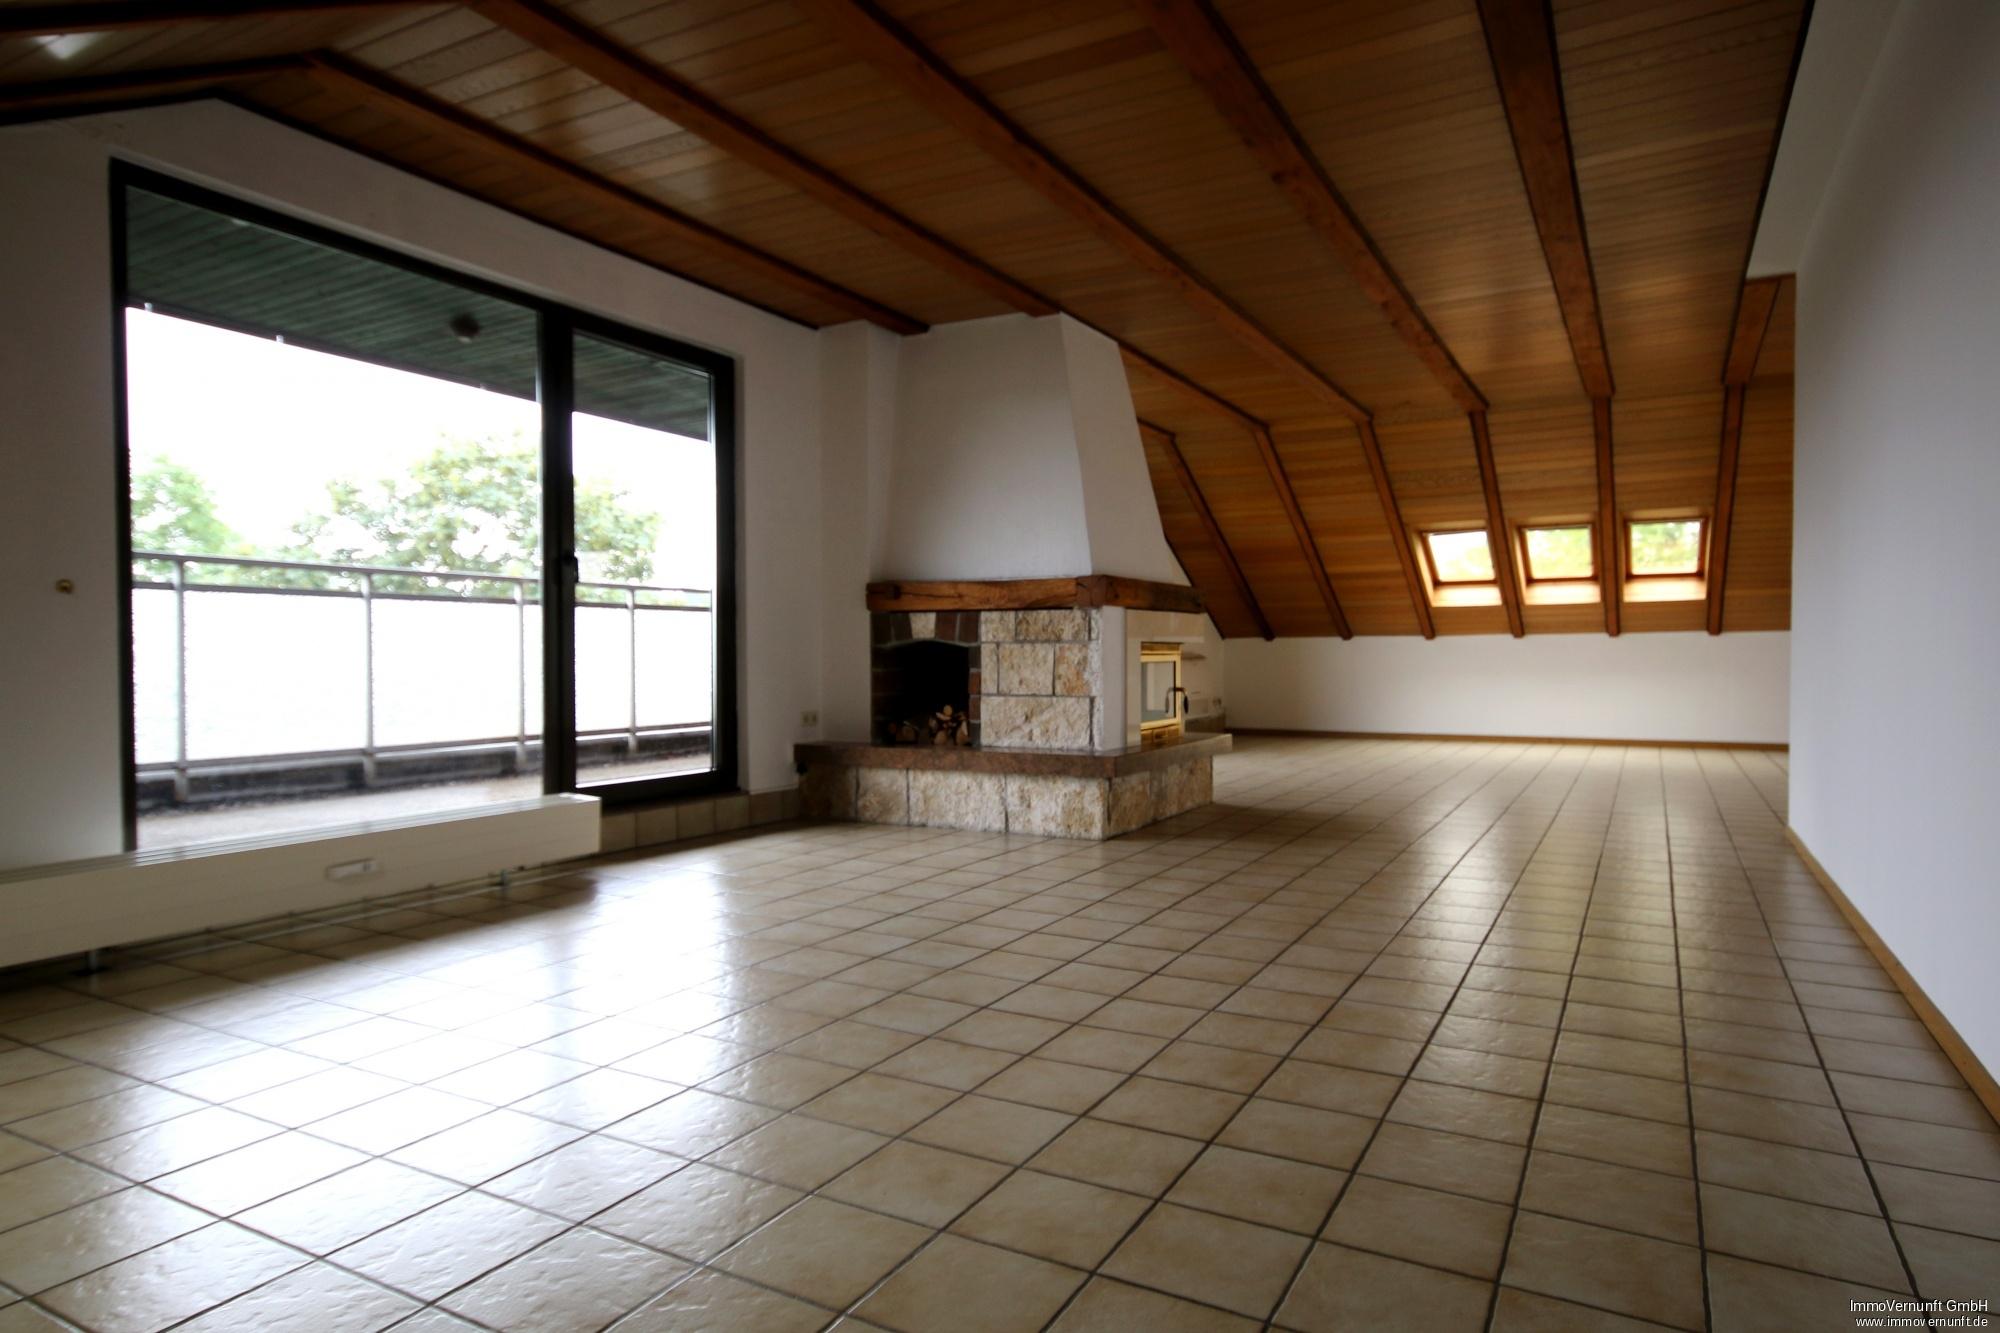 """""""Zwei Zimmerwohnung auf 127 m²  mit zwei Dachterrassen und Kamin in Dorf Saarn """" 45481 Mülheim an der Ruhr, Dachgeschosswohnung"""